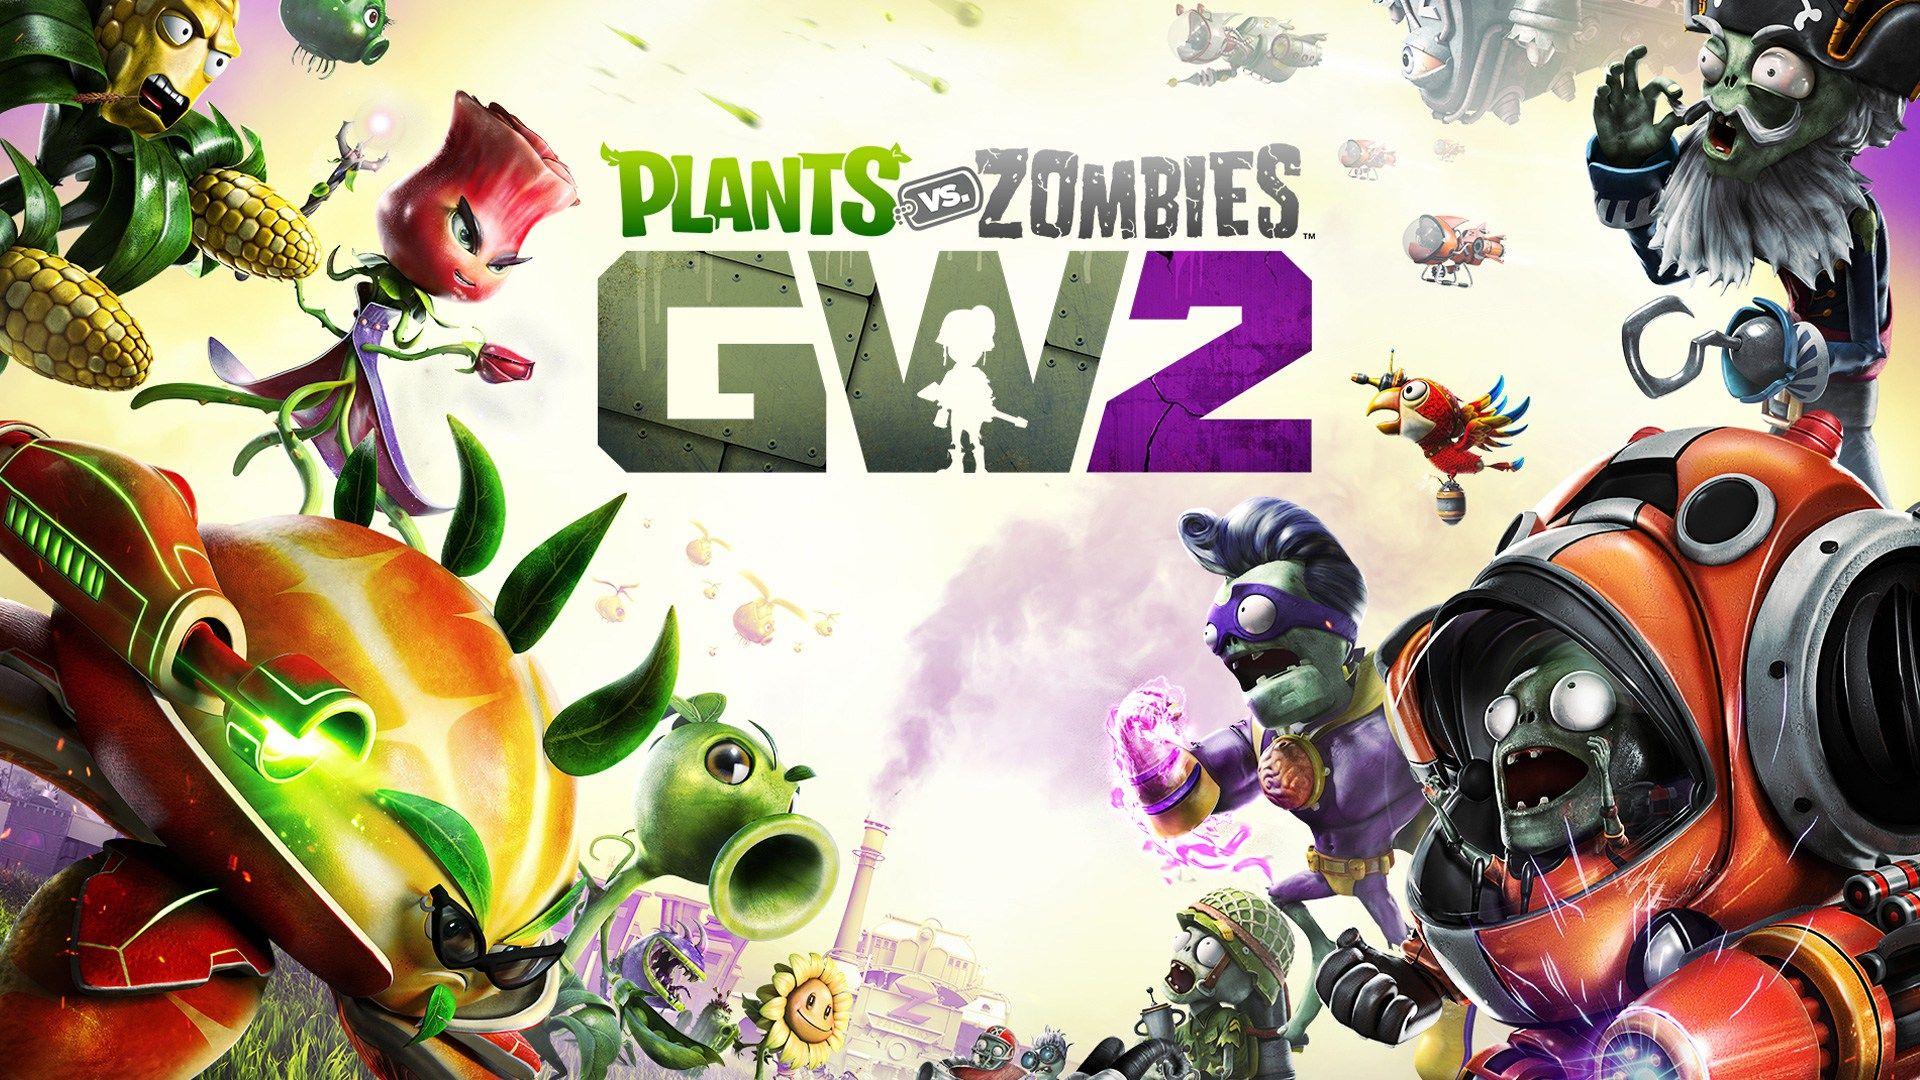 Os contamos todos los detalles de Plants vs Zombies: Garden Warfare 2, una secuela que mejora en todos los aspectos y que apunta a los mejores del año.